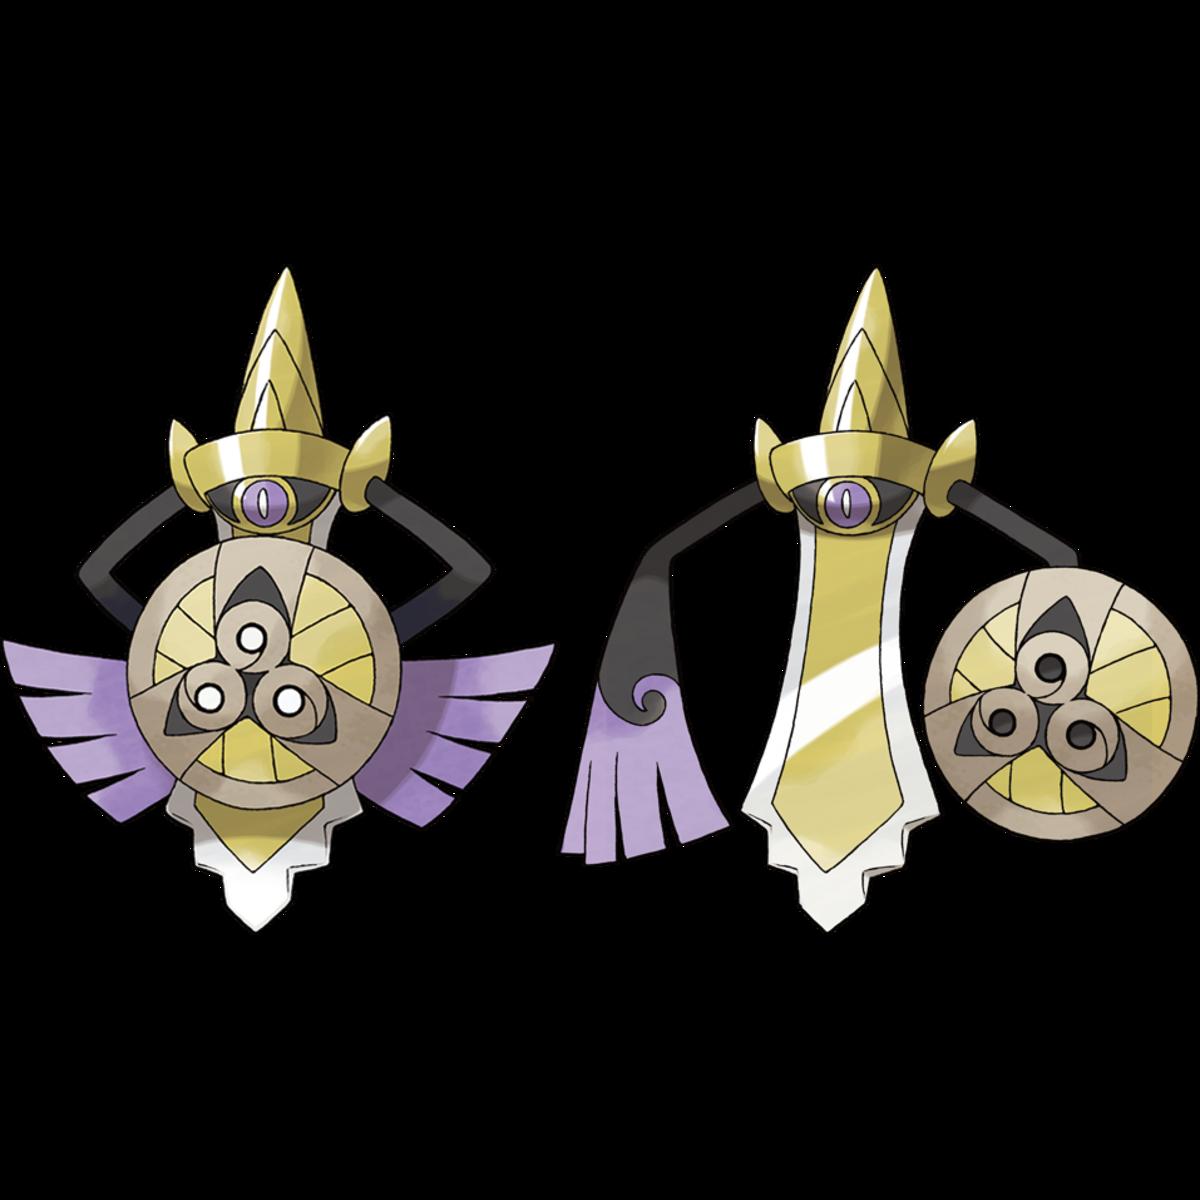 Aegislash Shield and Blade Forme